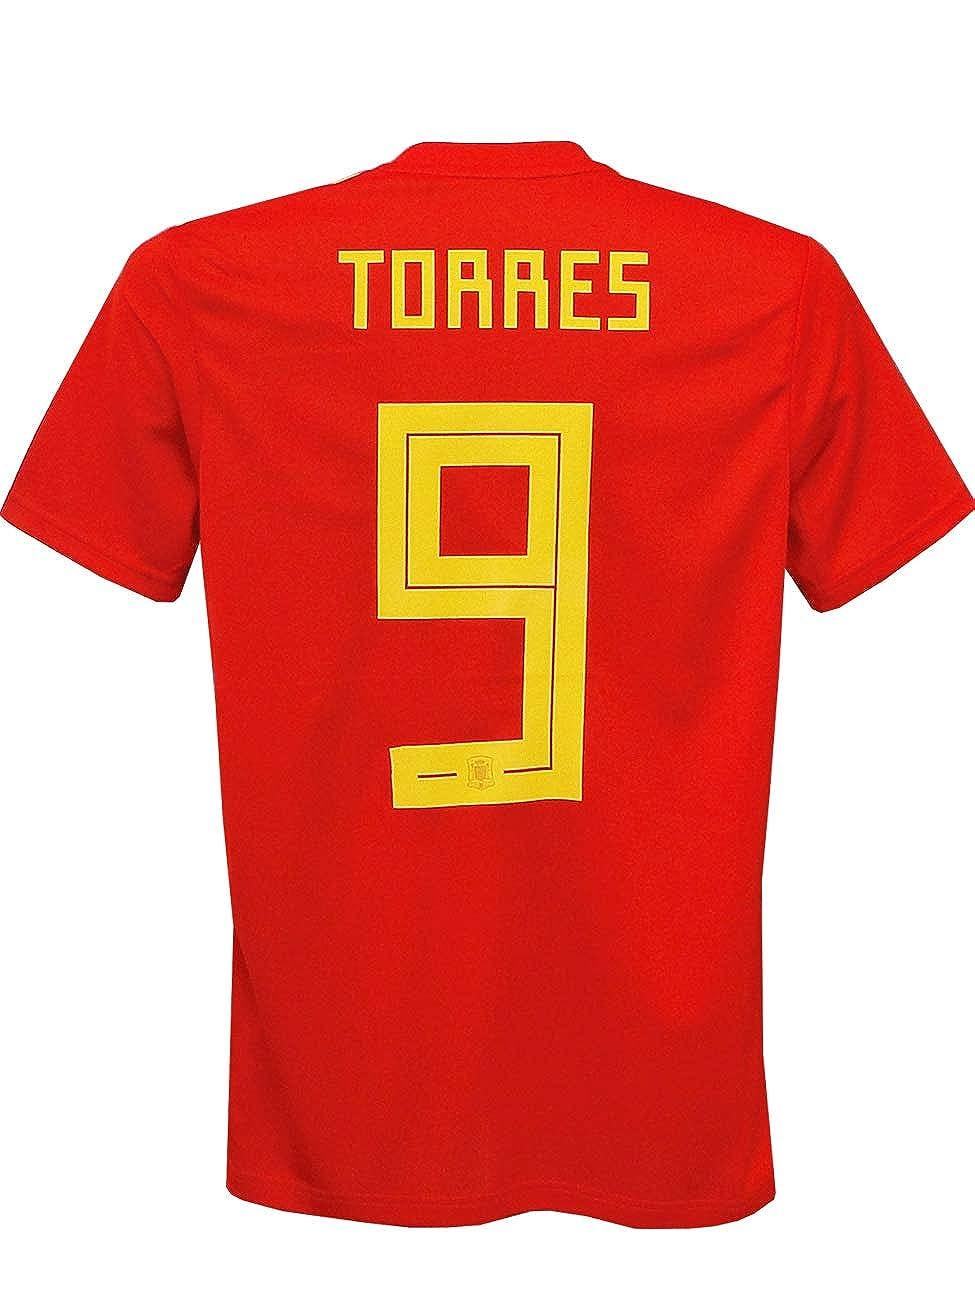 (アディダス) adidas 18 19スペイン代表代表 ホーム 半袖 トーレス 2018ワールドカップバッジ+LIVING FOOTBALLバッジ付 DTY42-CX5355 B07J58W5MK L